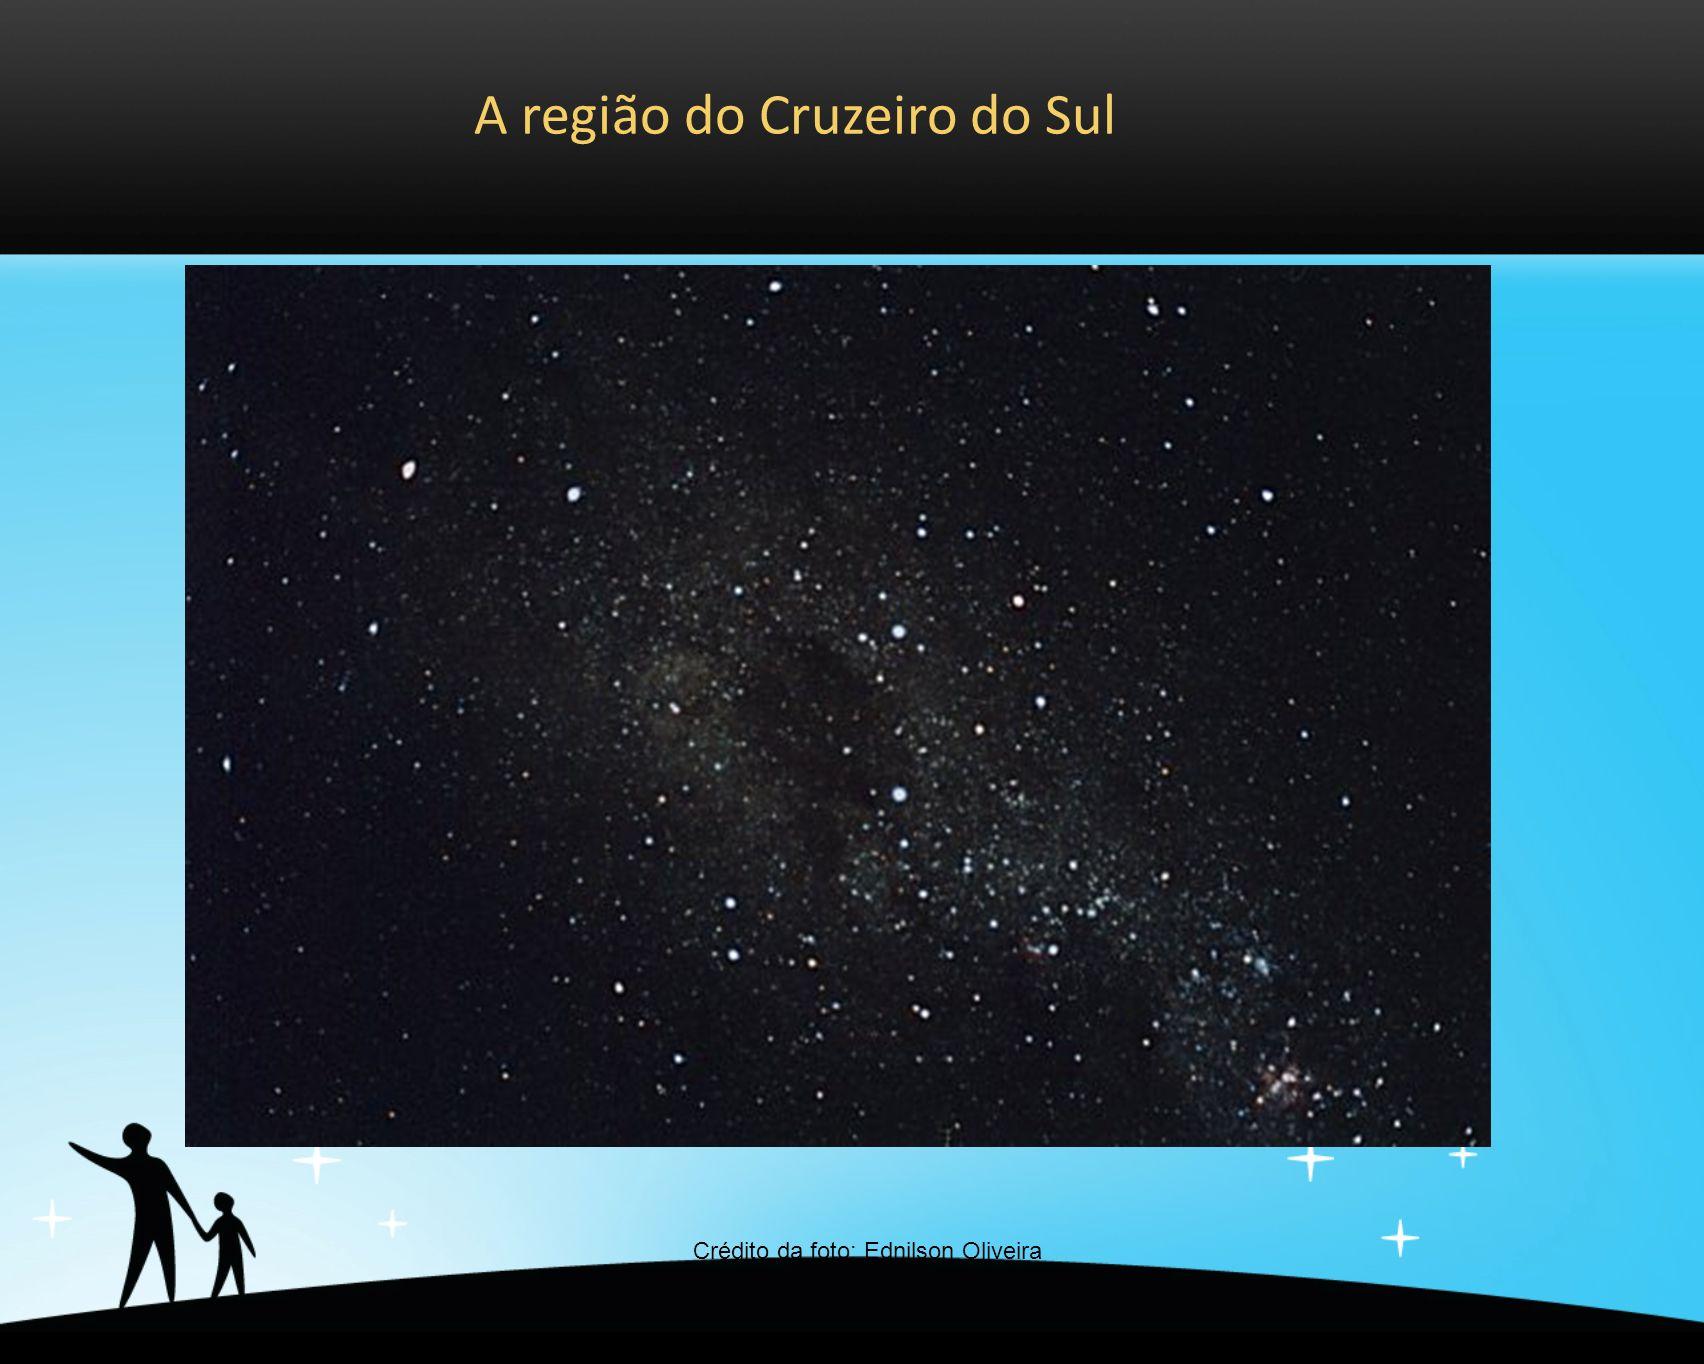 A região do Cruzeiro do Sul